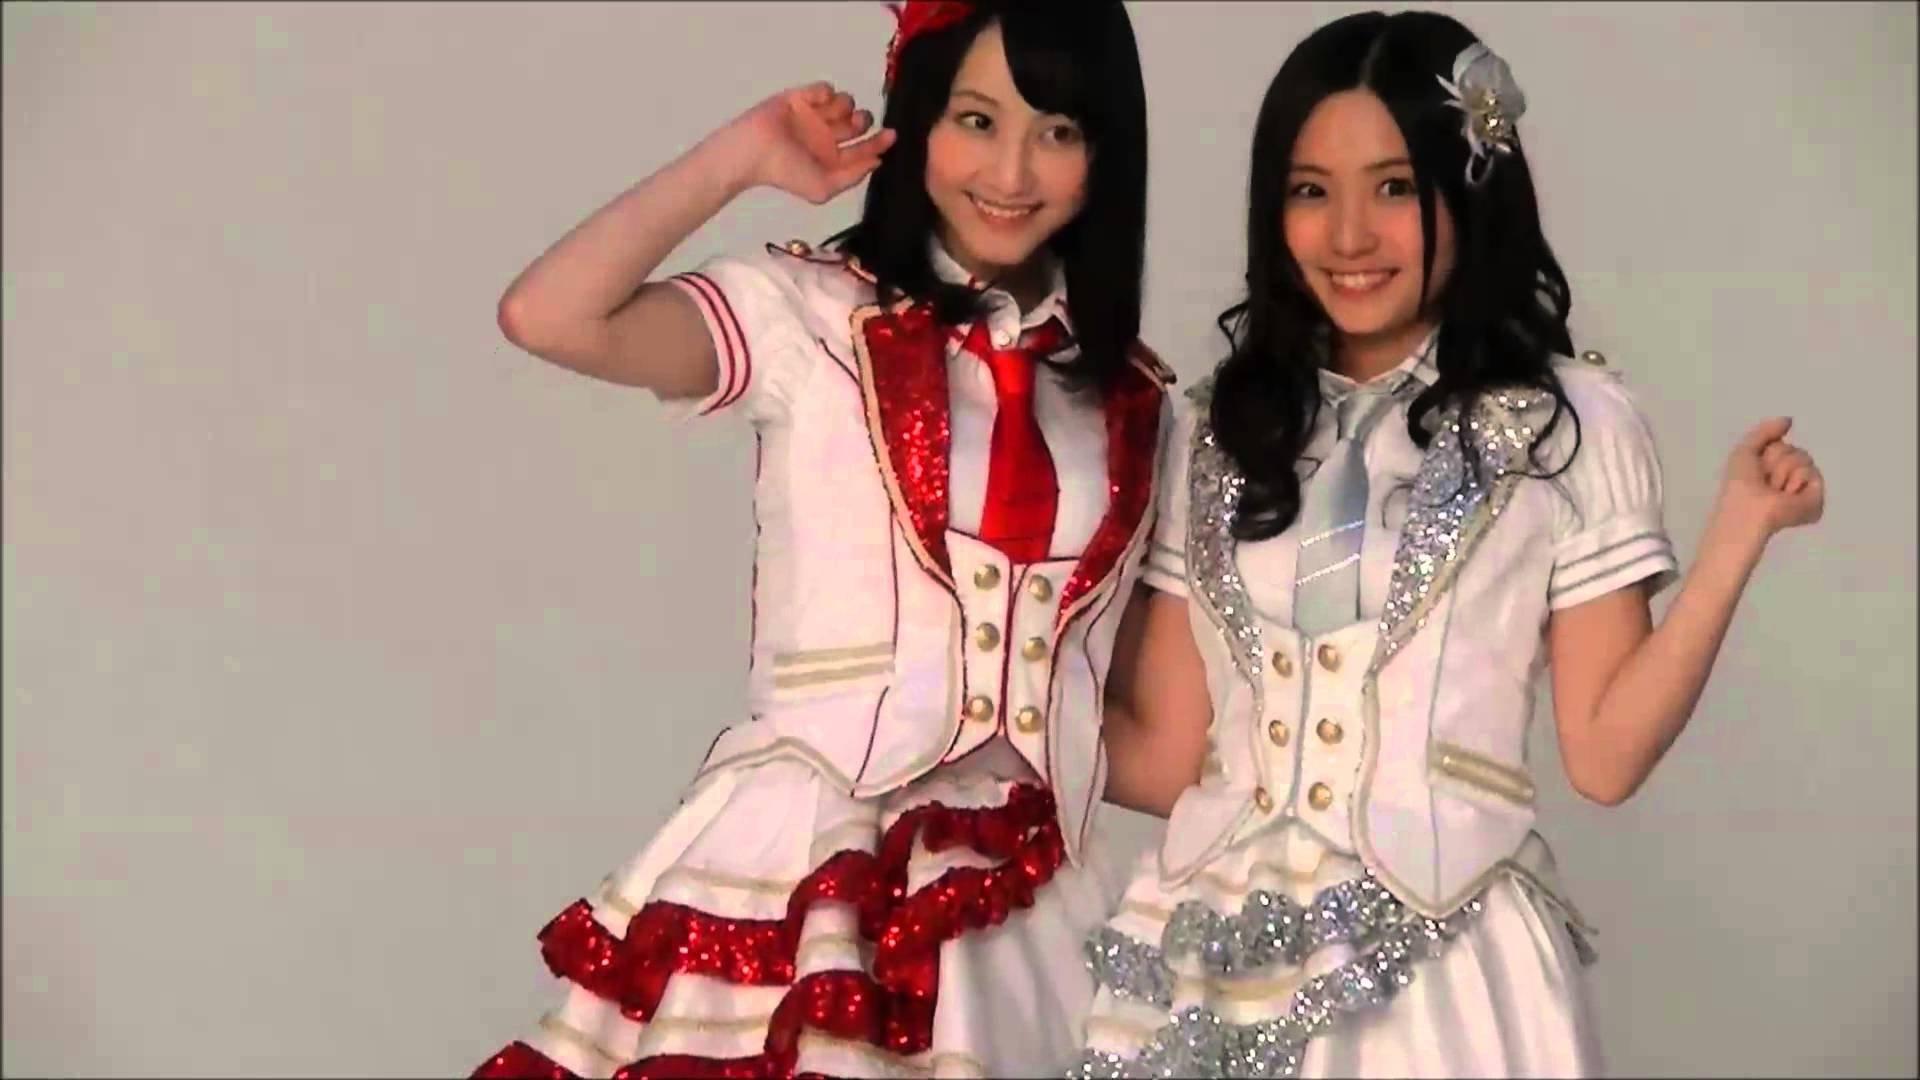 maxresdefault 76 - 元SKE48松井玲奈と古川愛李はとても仲良し。